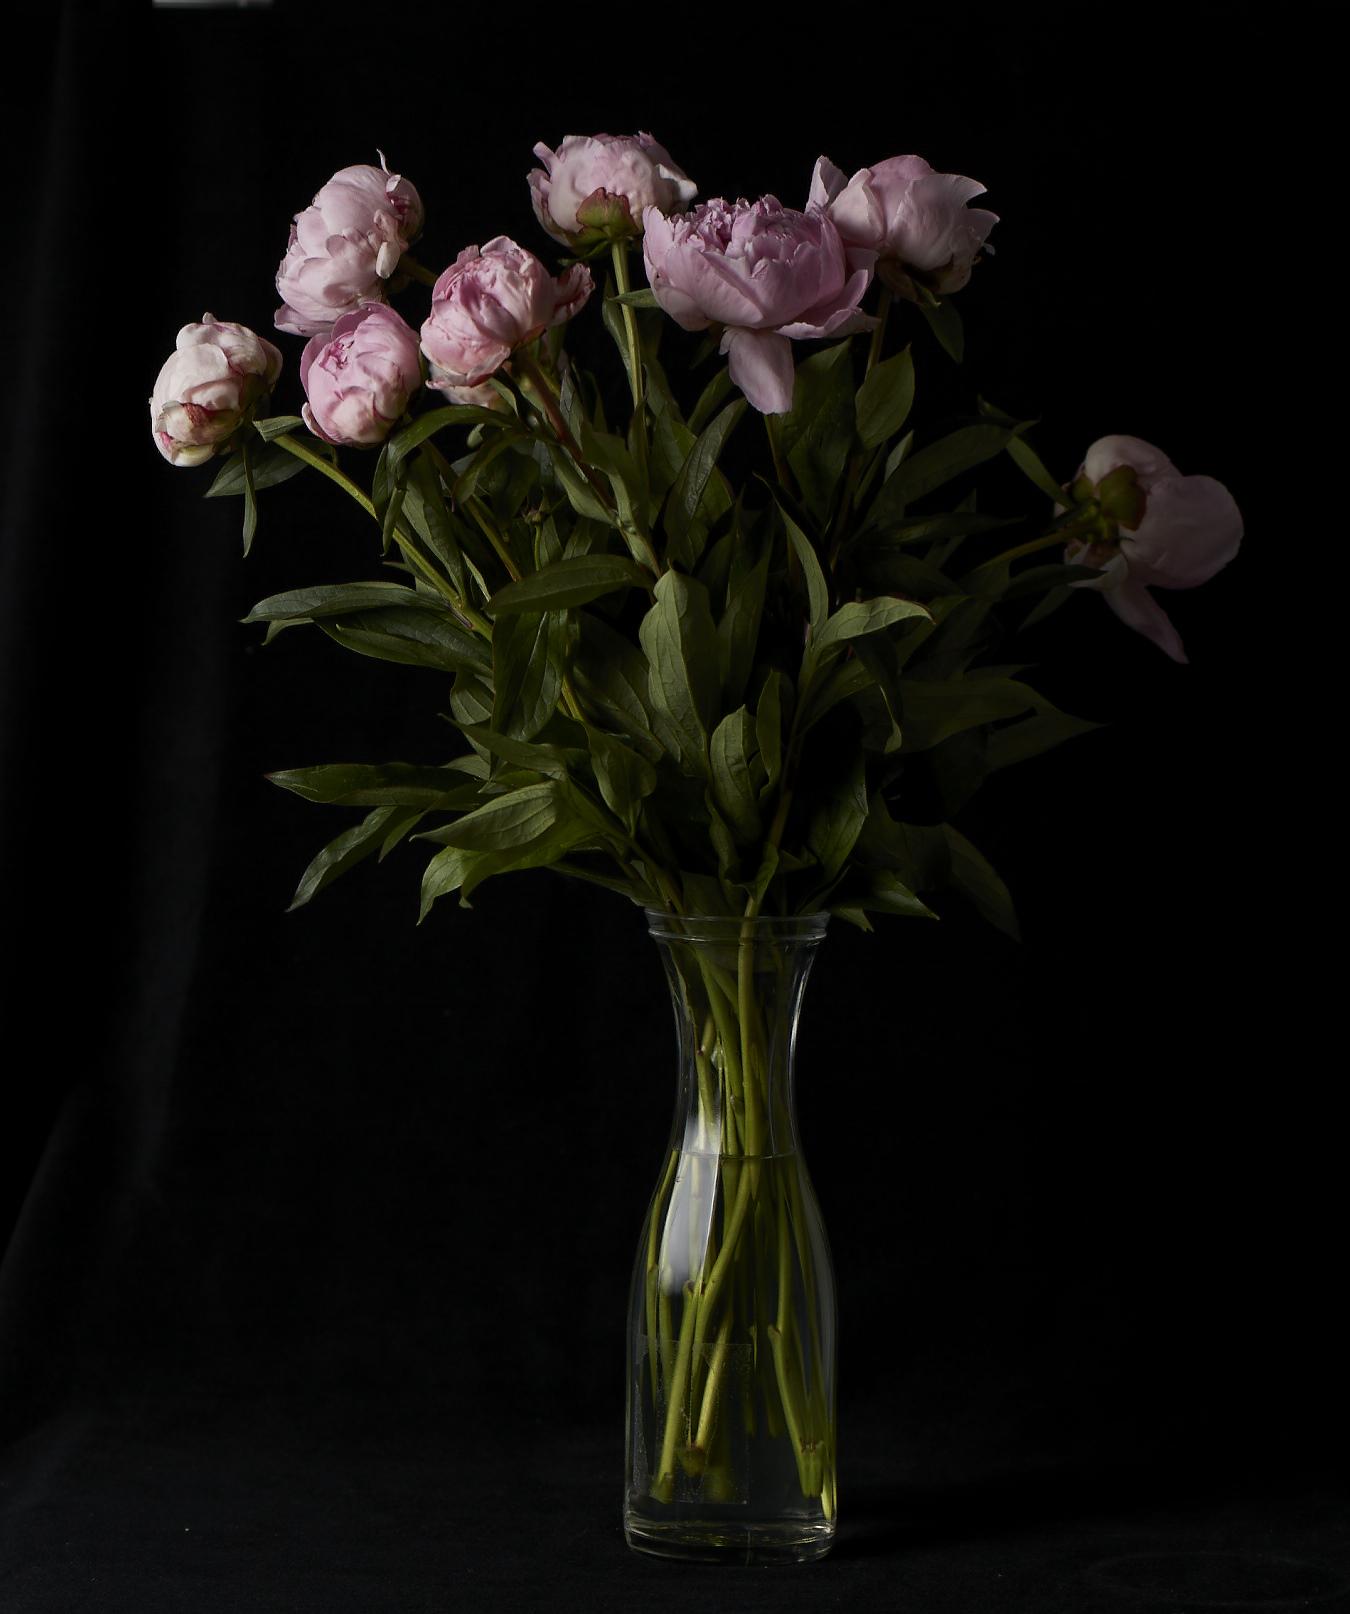 FLOWERS8630.jpg